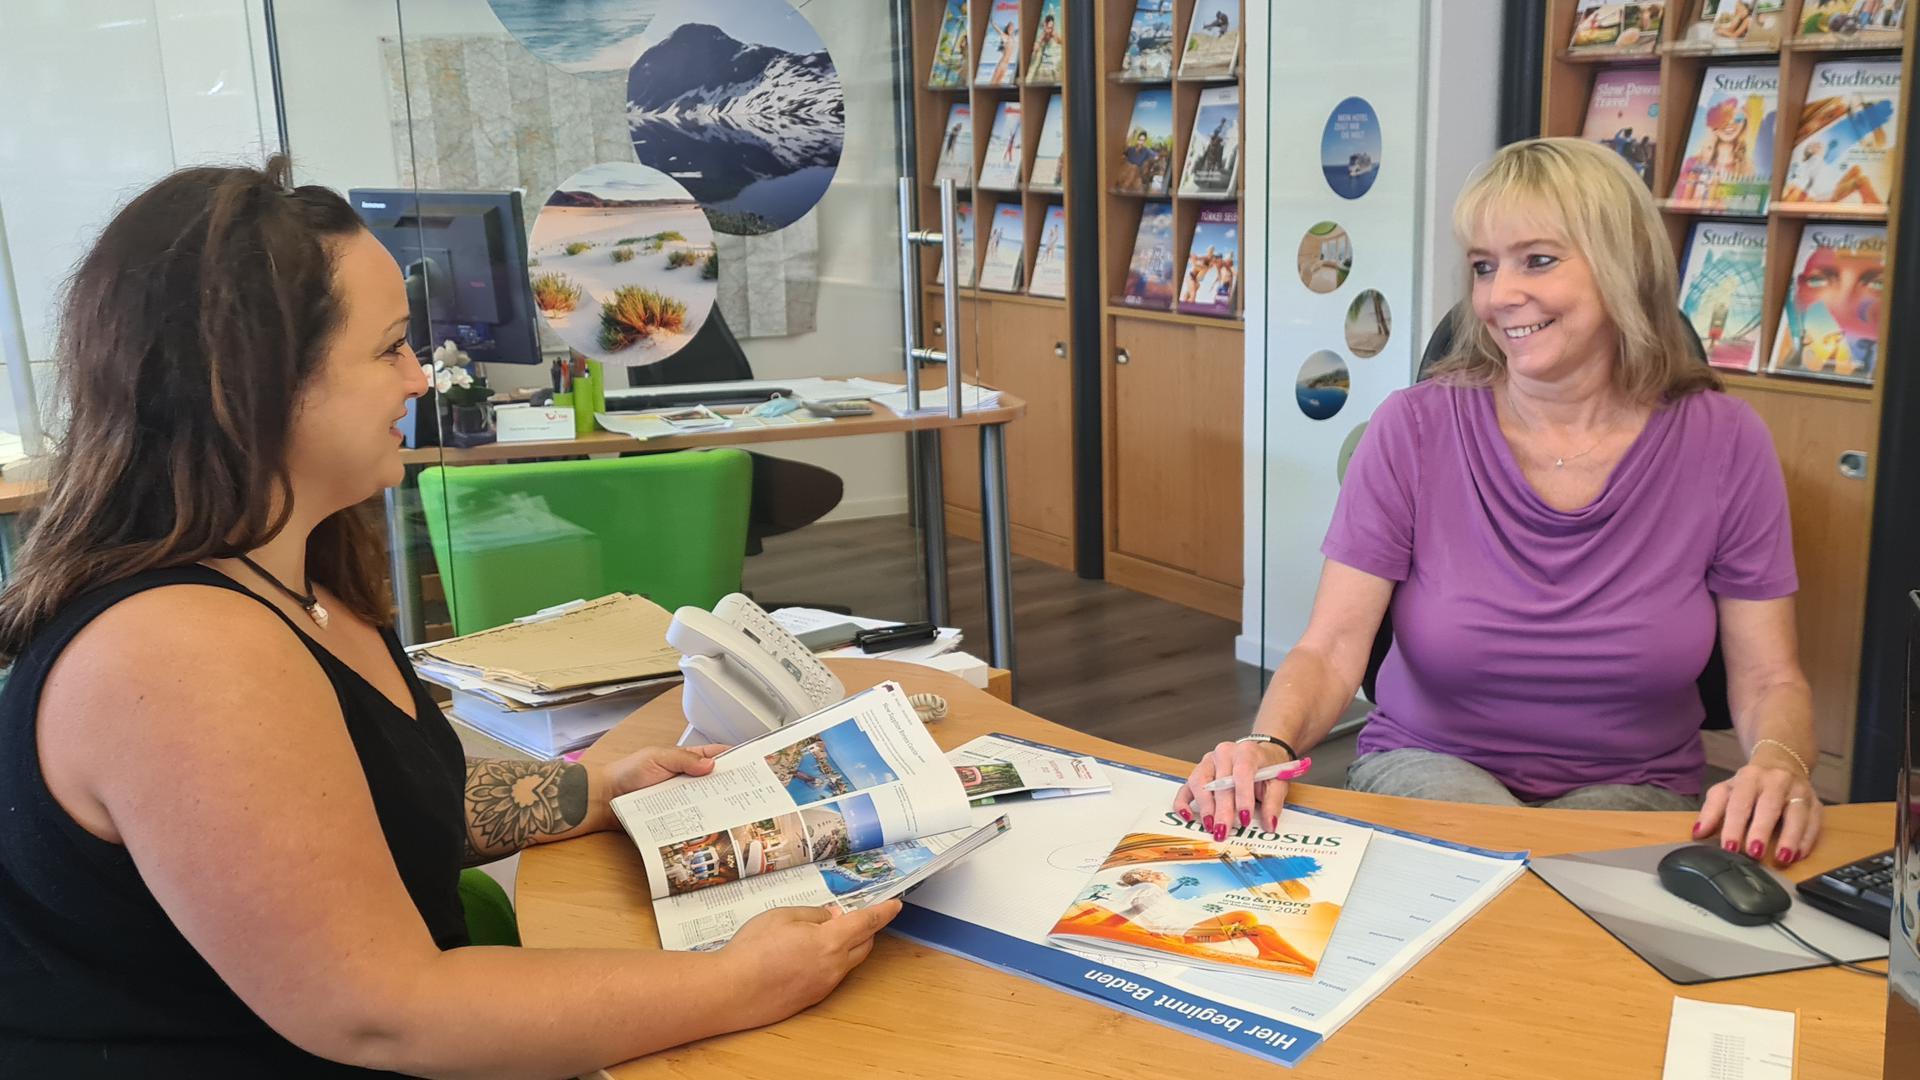 Zwei Frauen sitzen sich in einem Reisebüro gegenüber